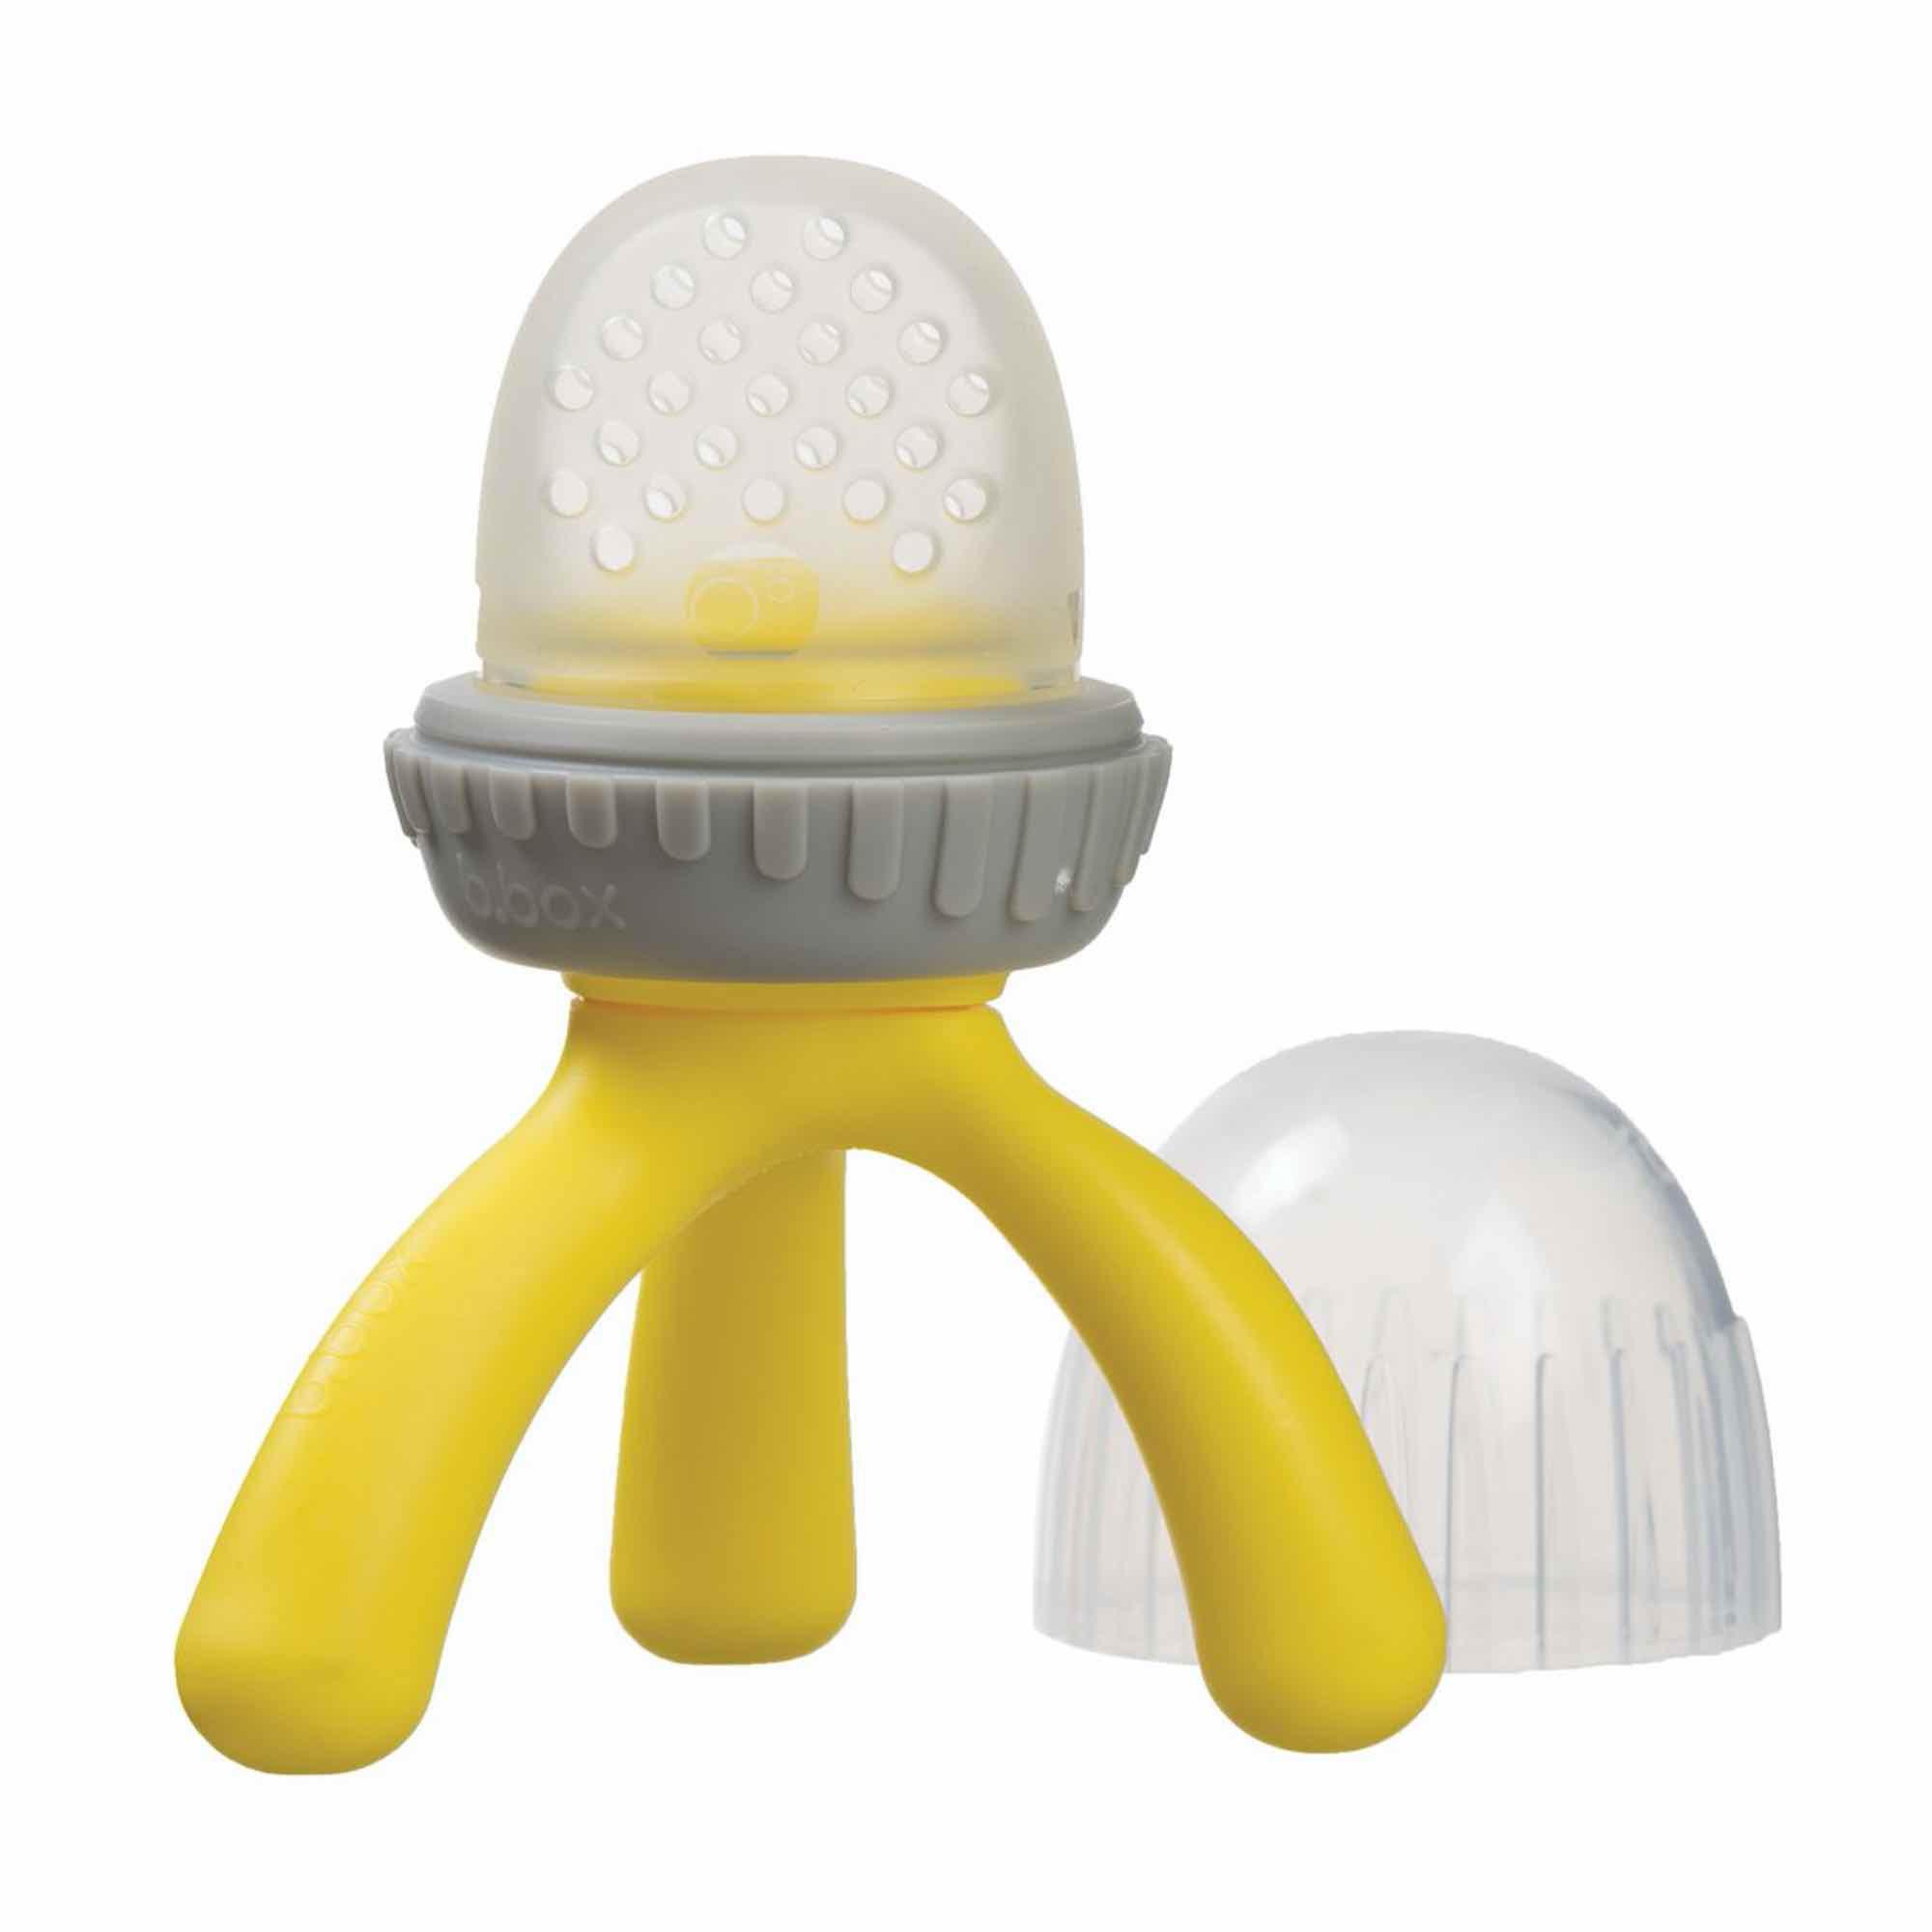 Sucette grignoteuse bébé en silicone jaune